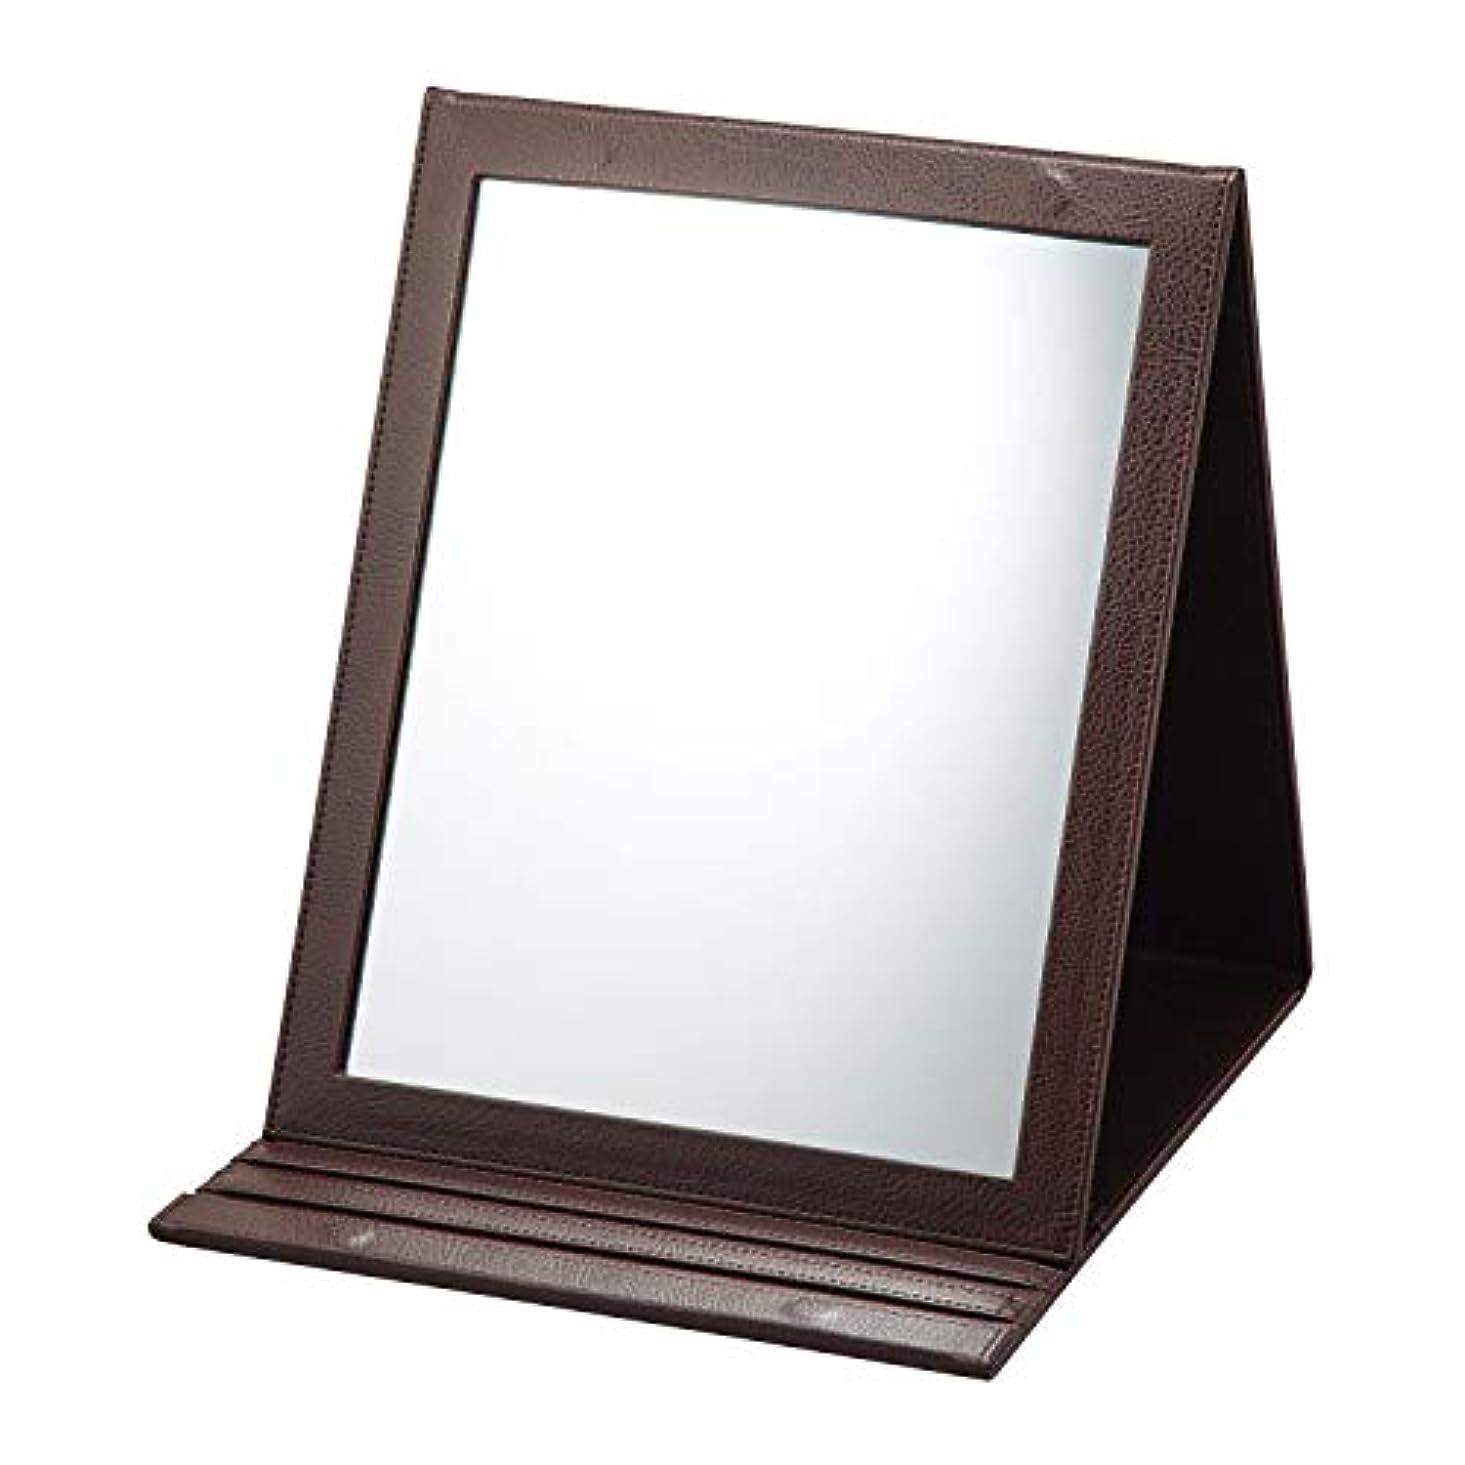 見えないピボットなめる折立鏡デカミラー 角度調整5段階 卓上 A4サイズ ヘアメイク ヘアアレンジ 化粧 折りたたみ 大きい デコルテまで見える